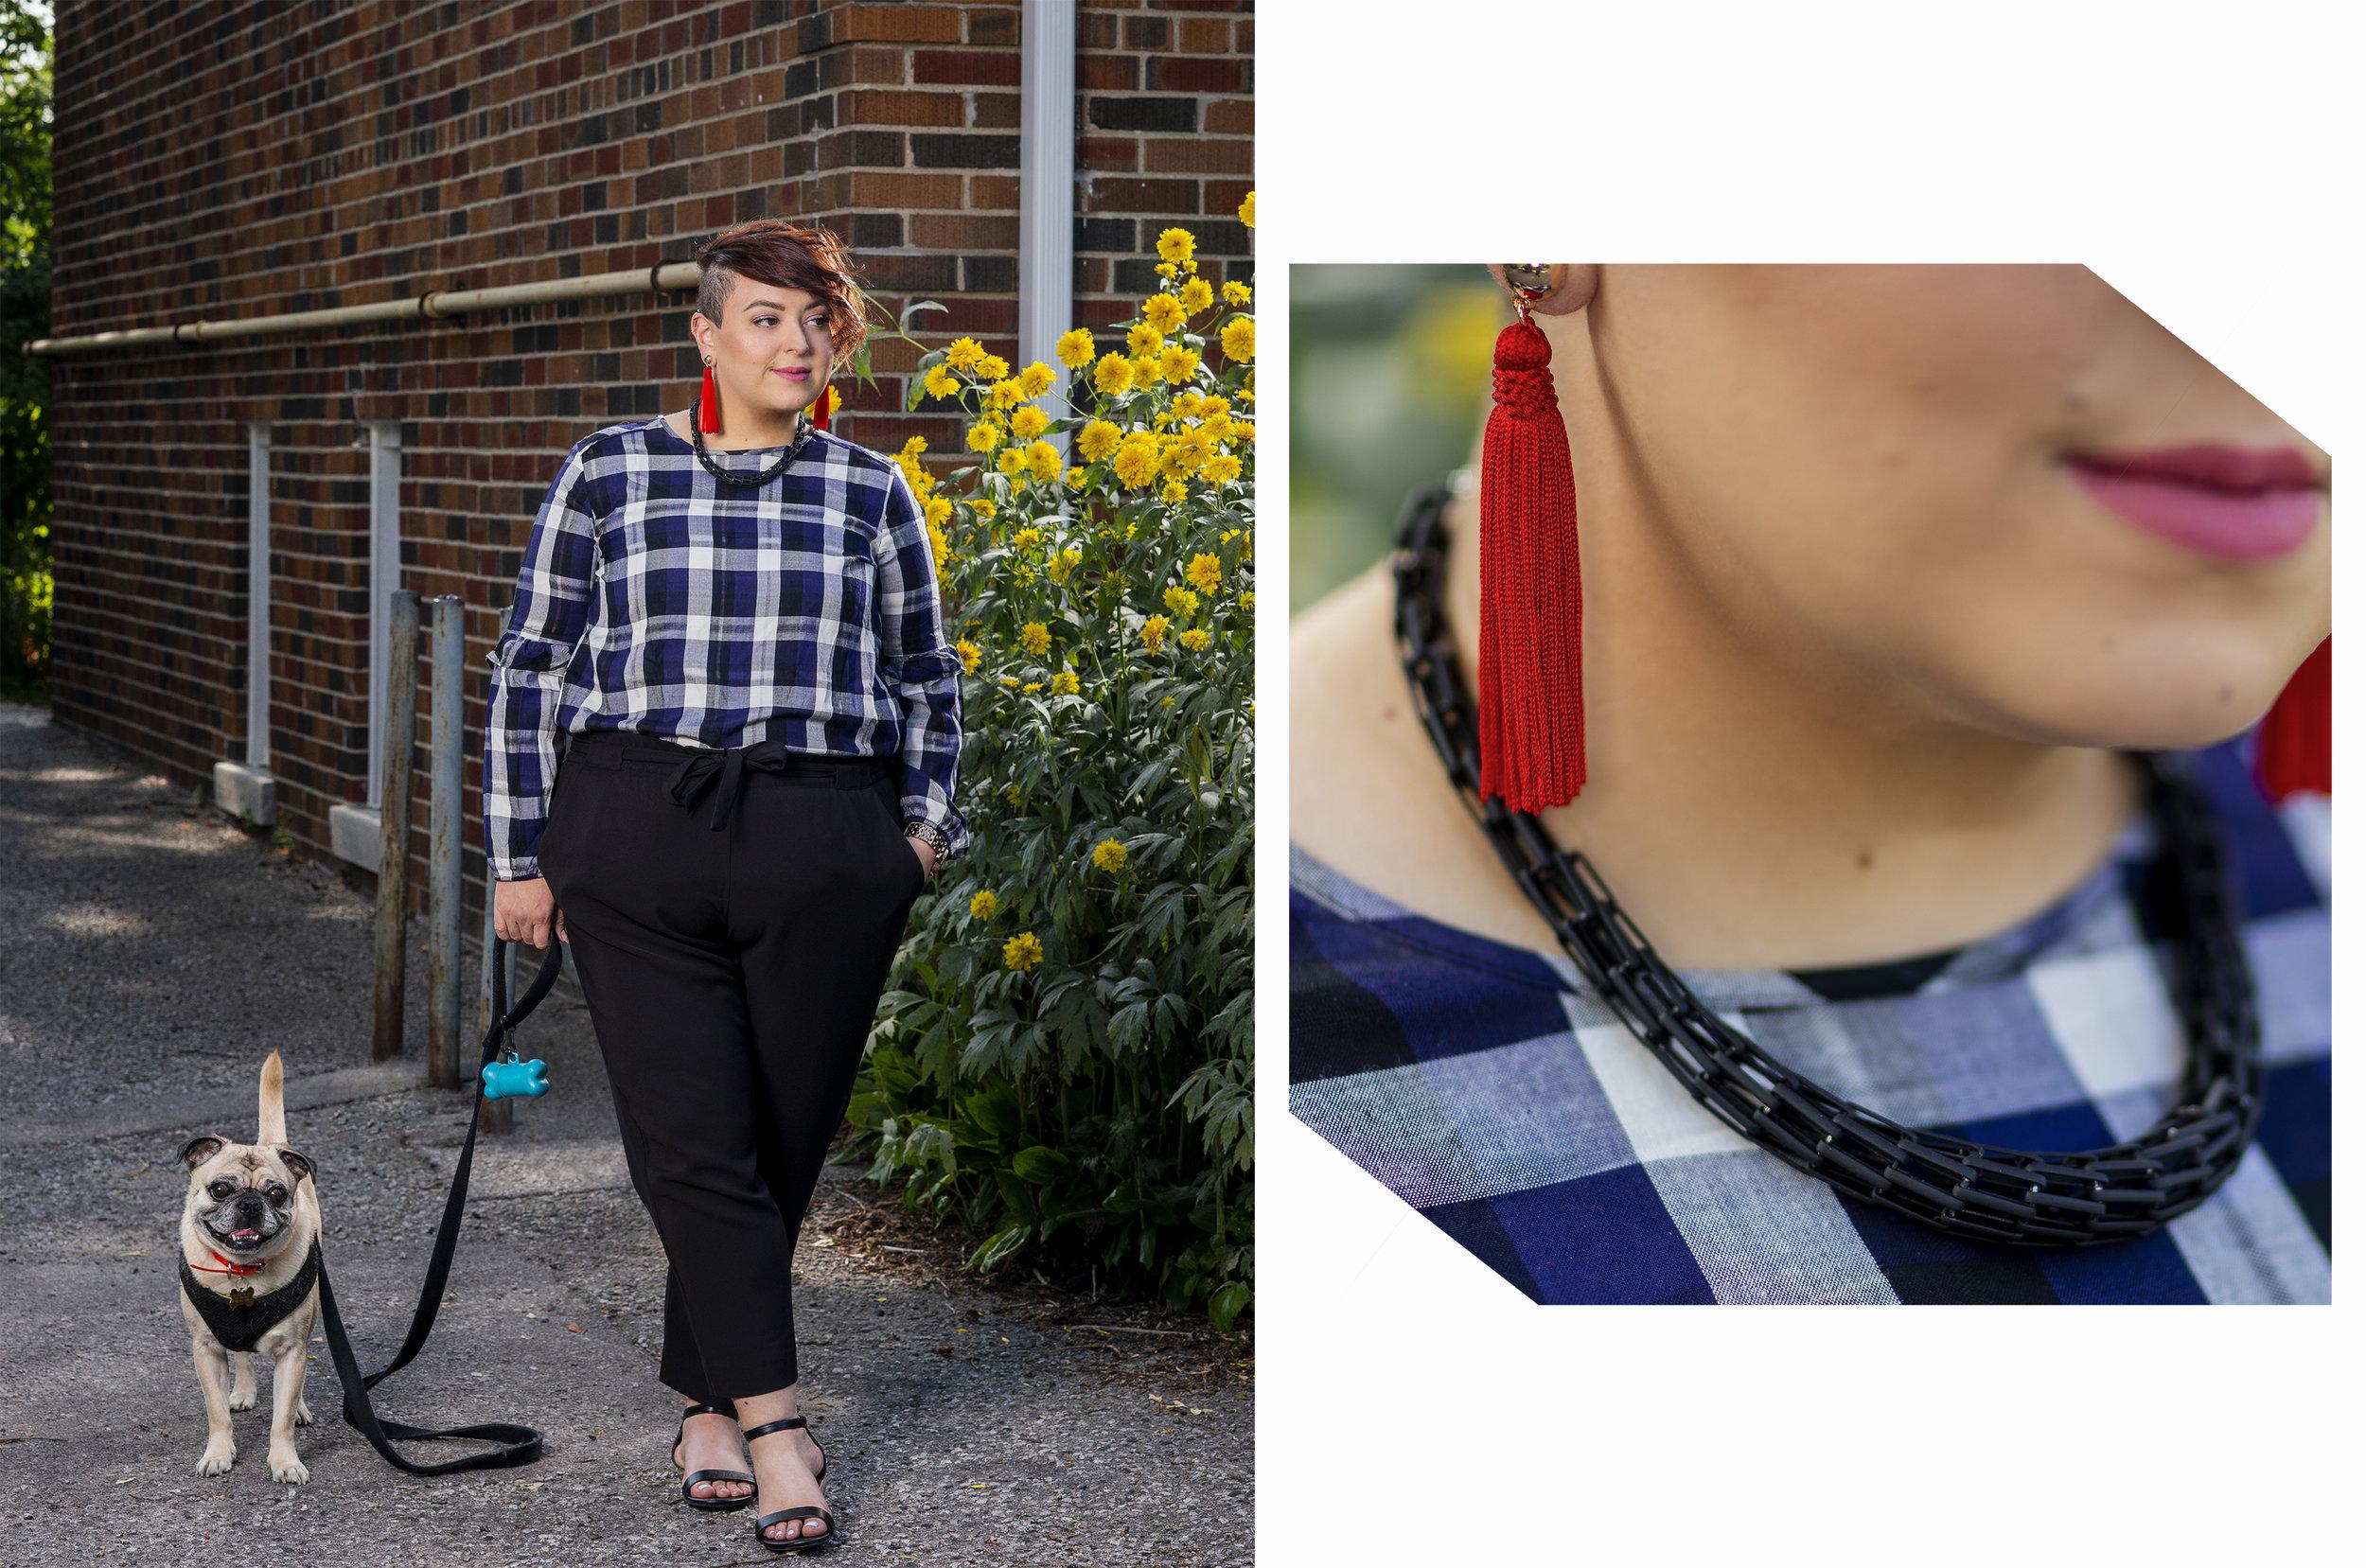 top, pants and necklace - Reitmans   earrings - Aldo Accessories   shoes - Le Château   dog - Wilbur